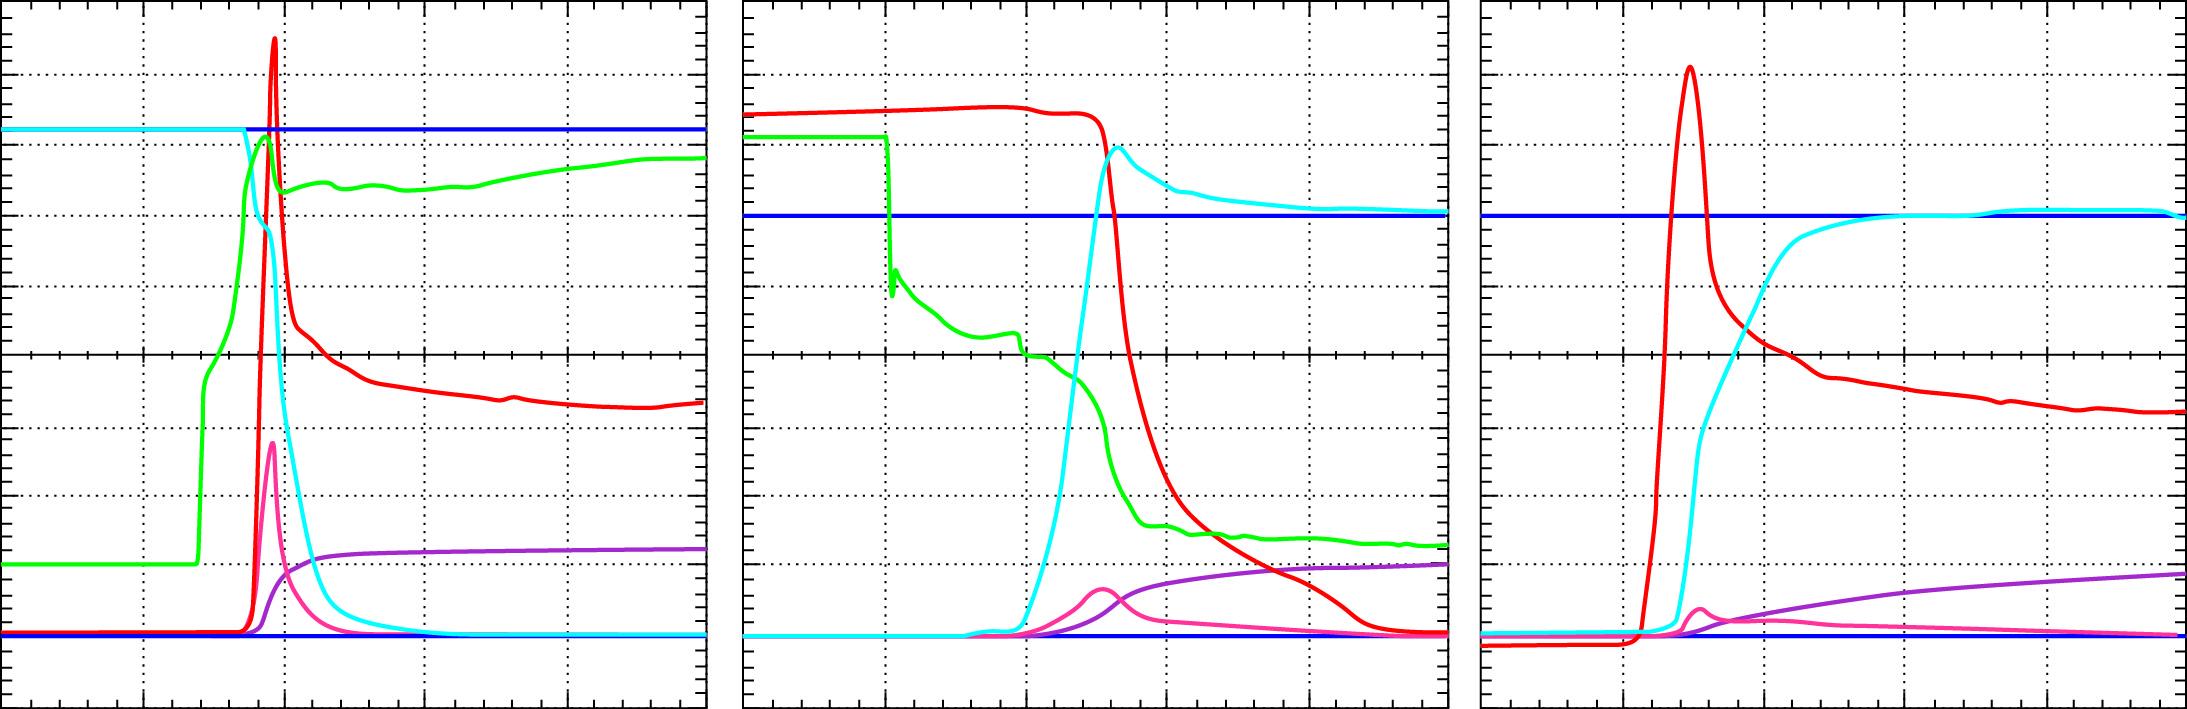 Формы сигналов переключения FF450R33TE3 при номинальных условиях 1800 В/+125 °C